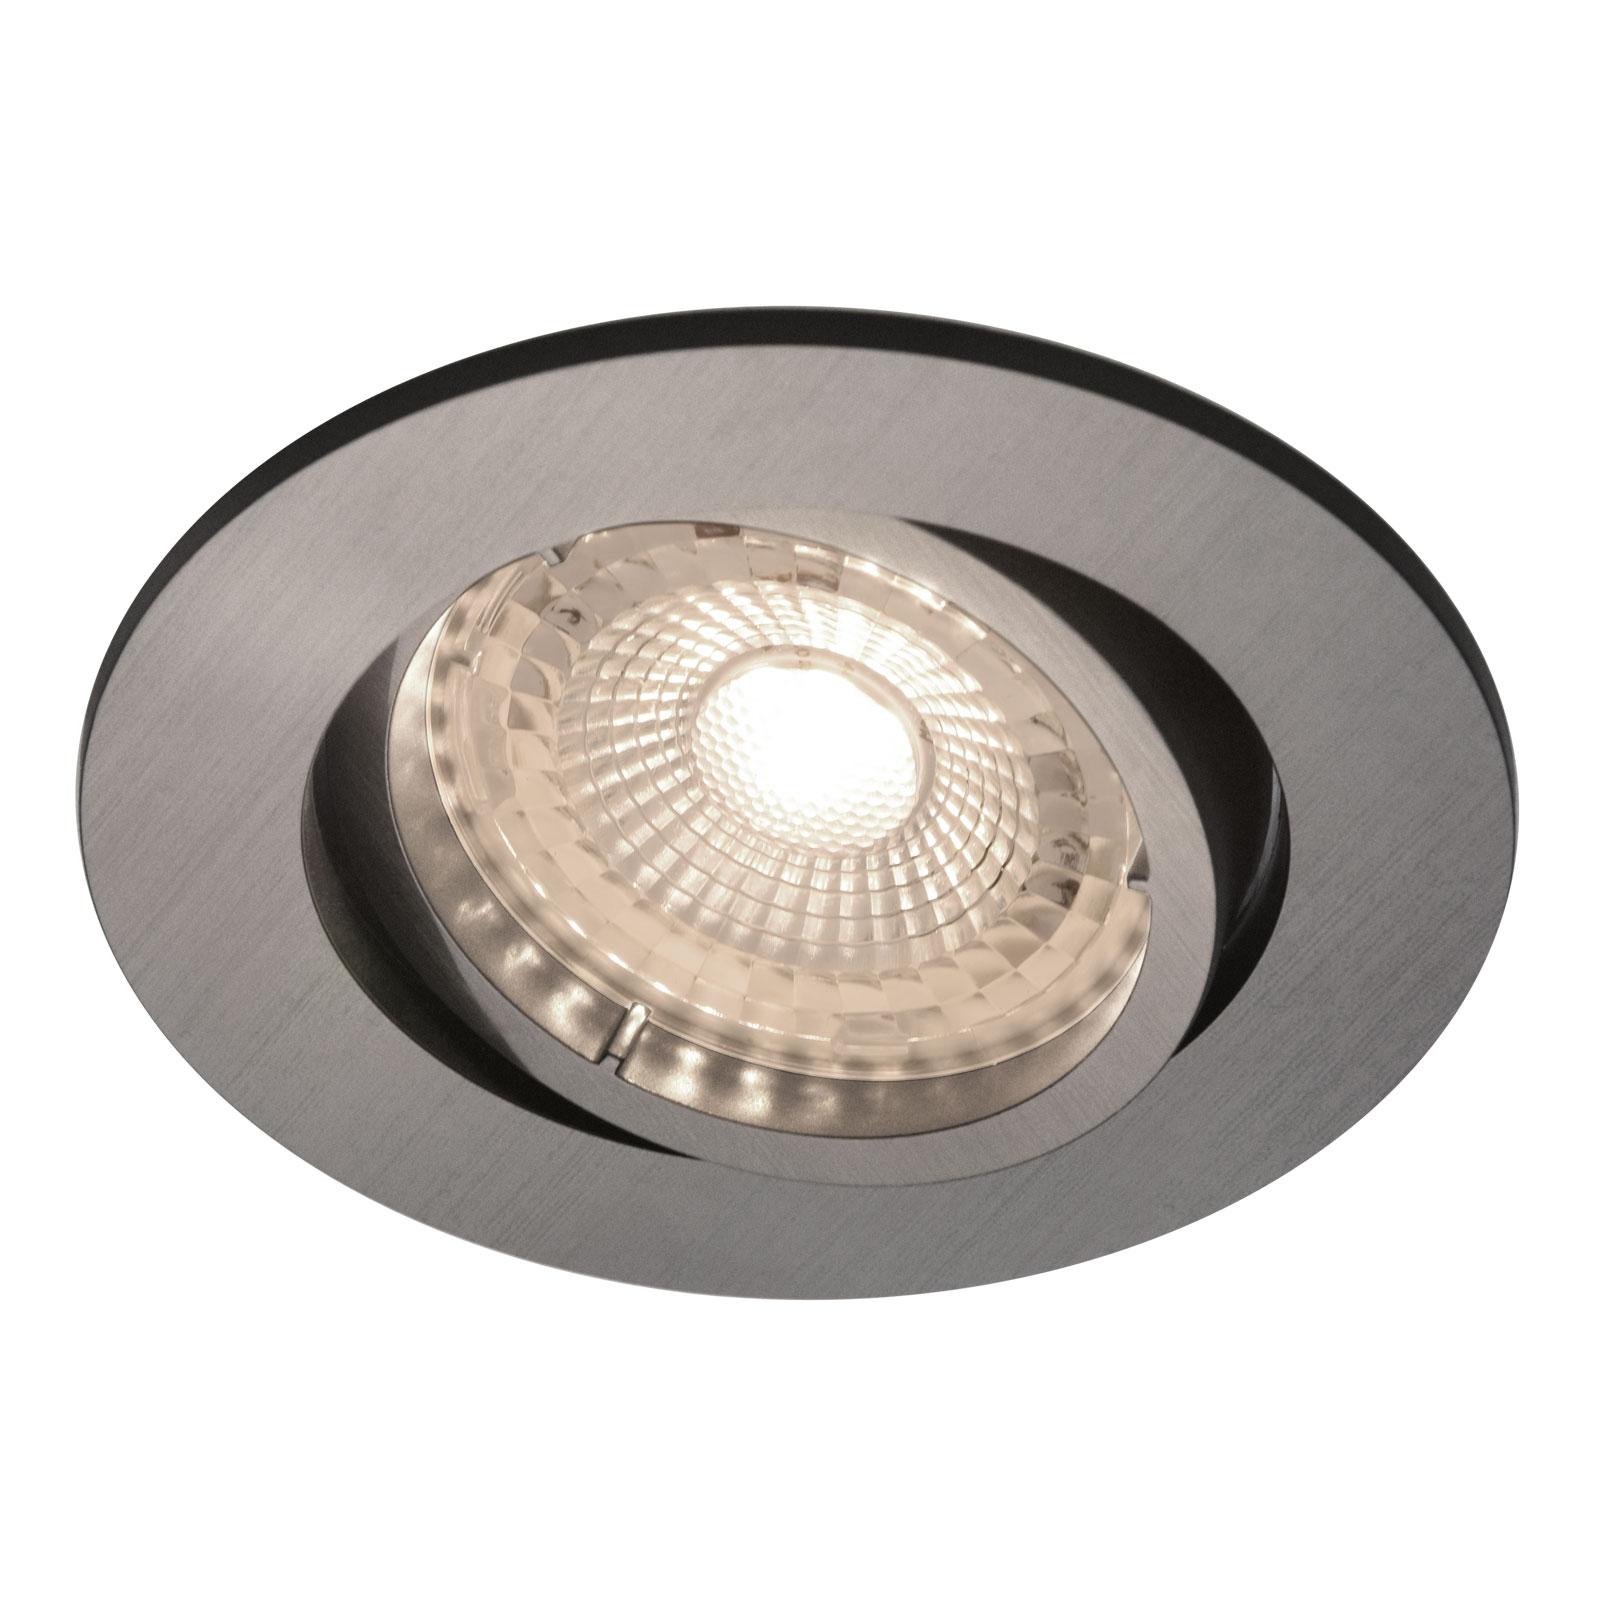 LED inbouwspot Octans 2.700K 3per set, nikkel